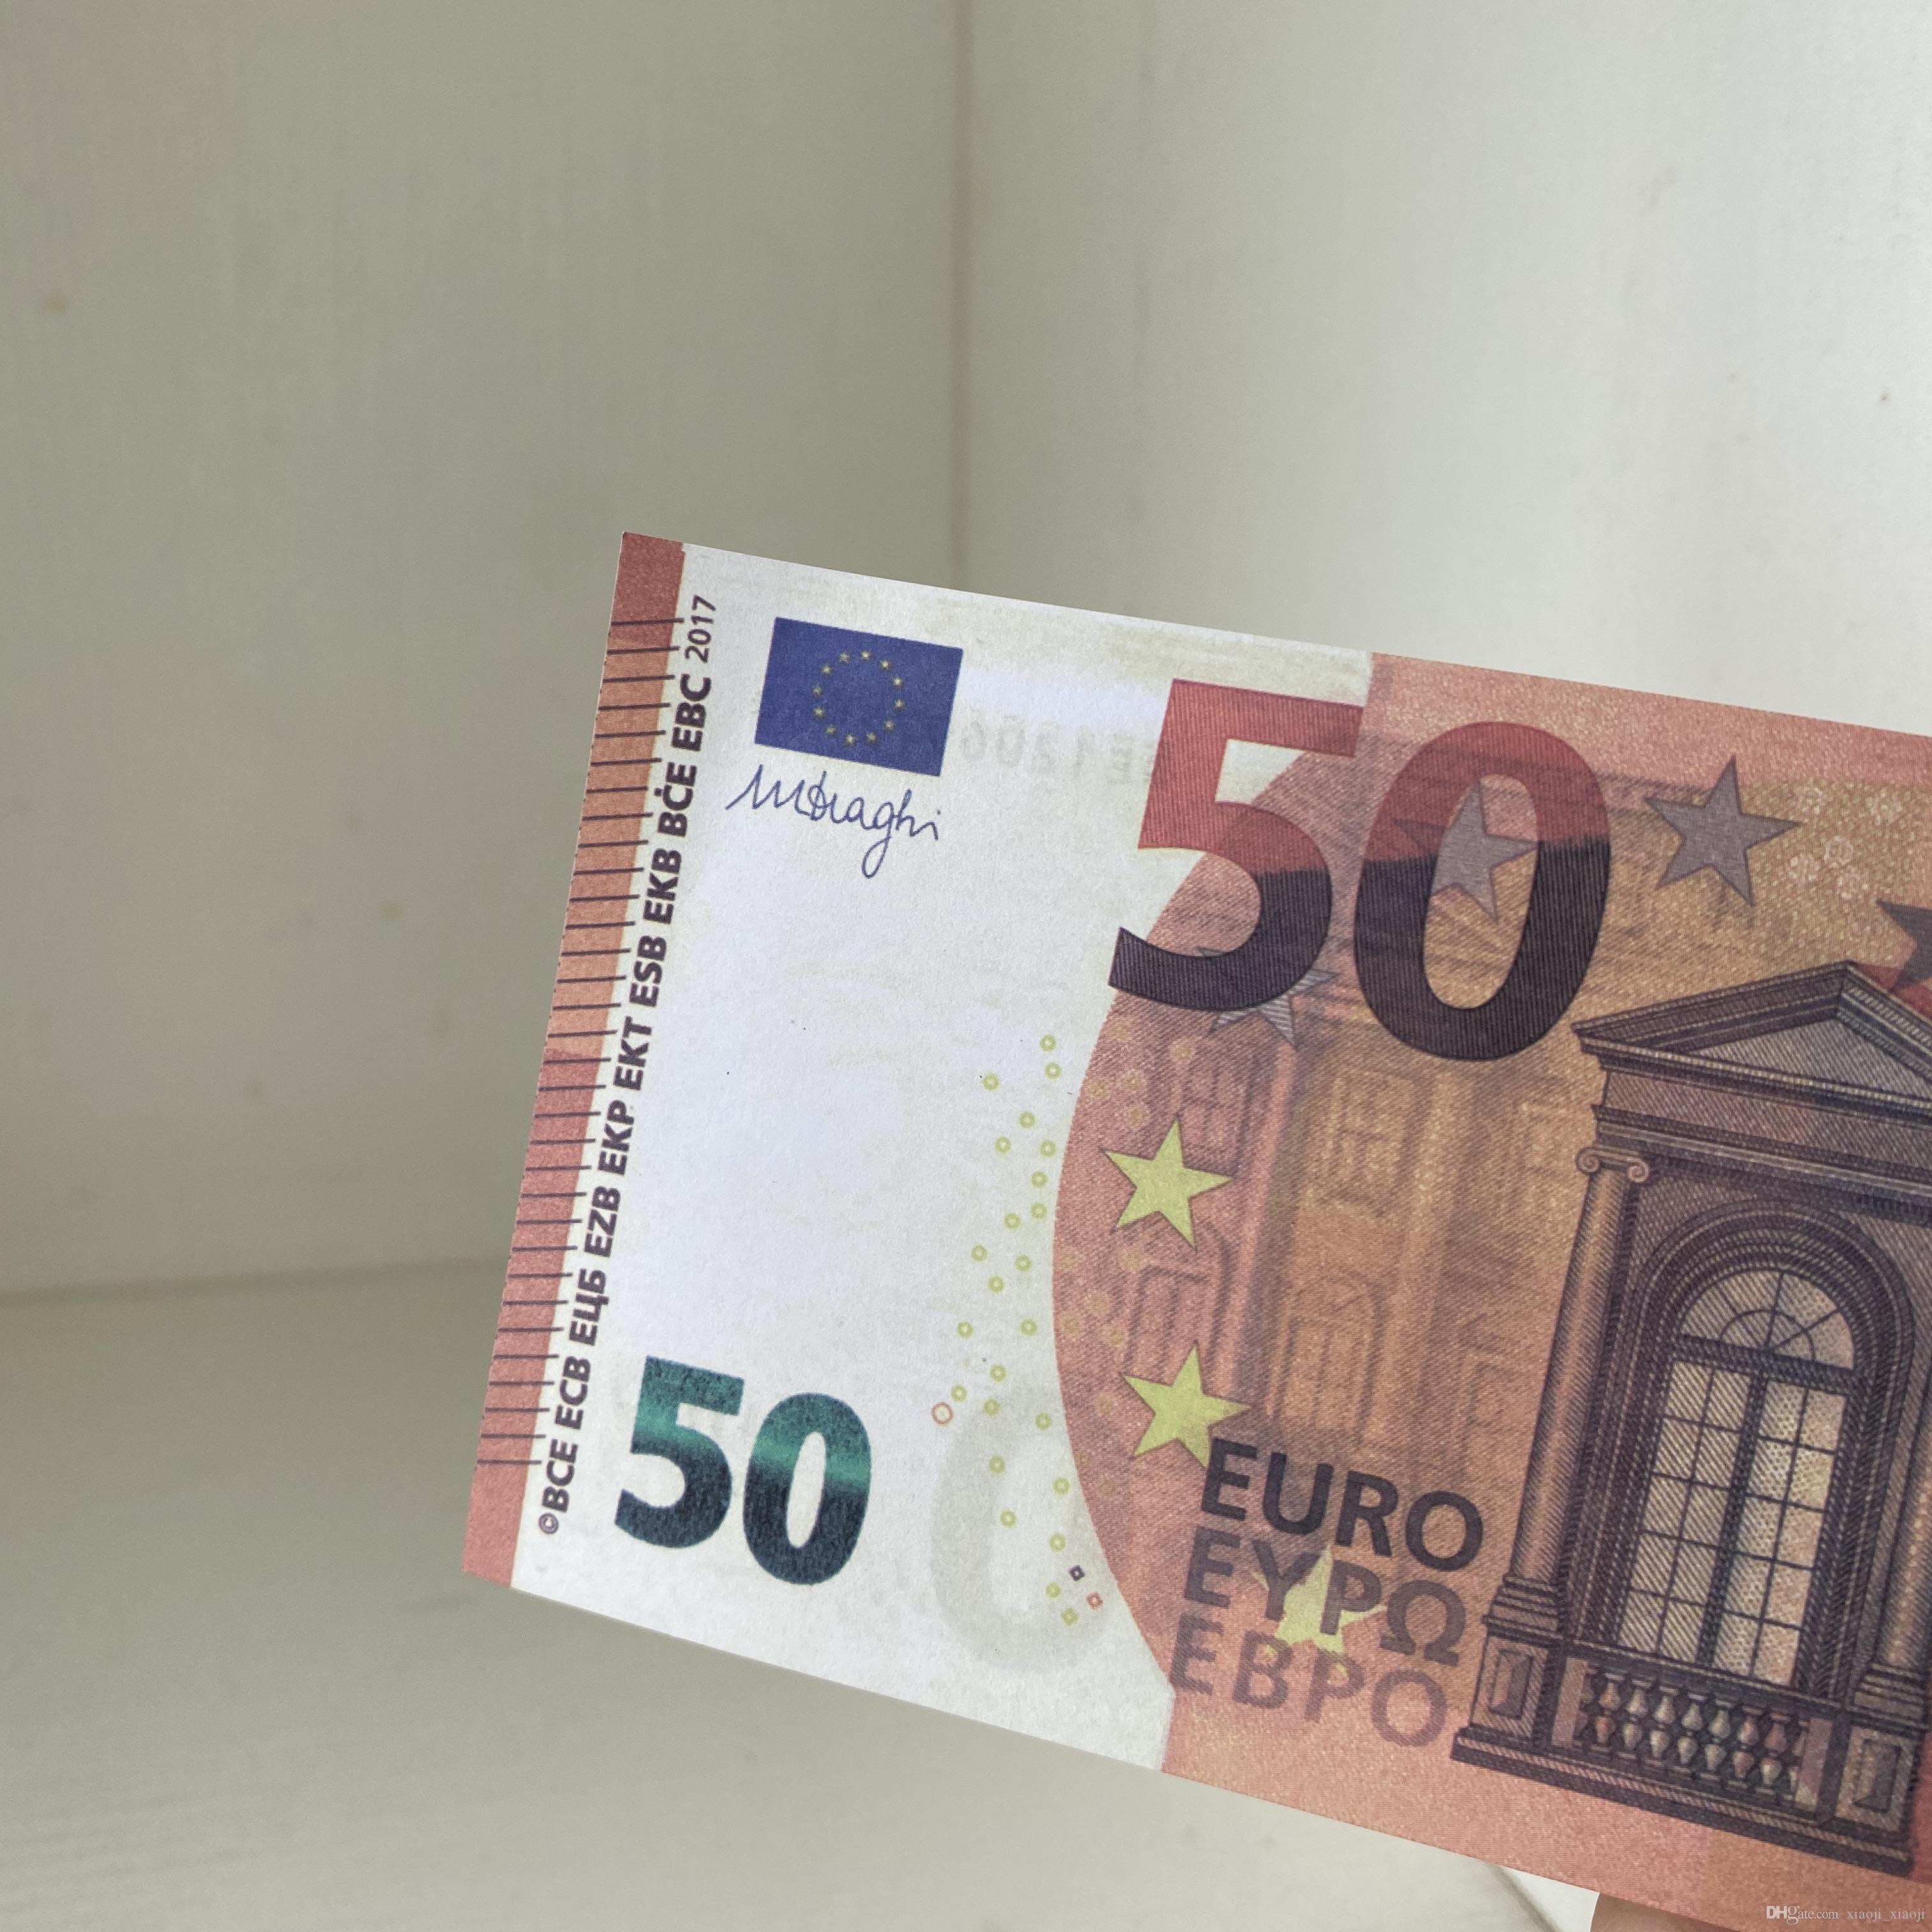 Simulación venta caliente Props Token Toy Toy Money Fake Coin Film 101 Televisión y Bar Pretty Game 50 Banknote Shooting Euro Buhqh